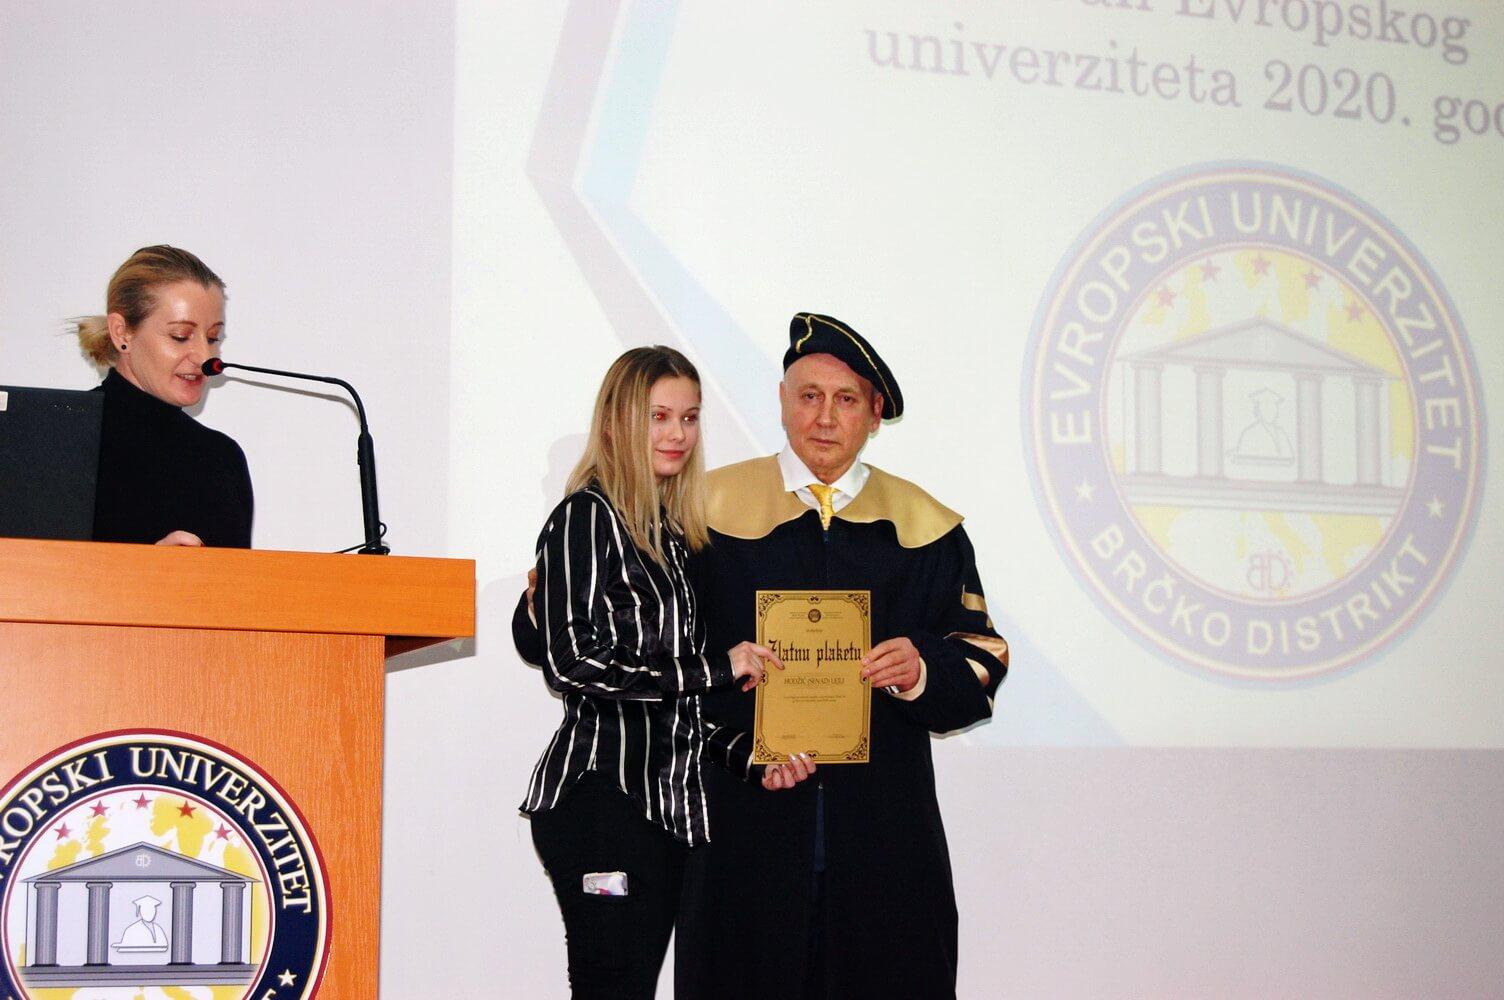 Dan Univerziteta 2020 73